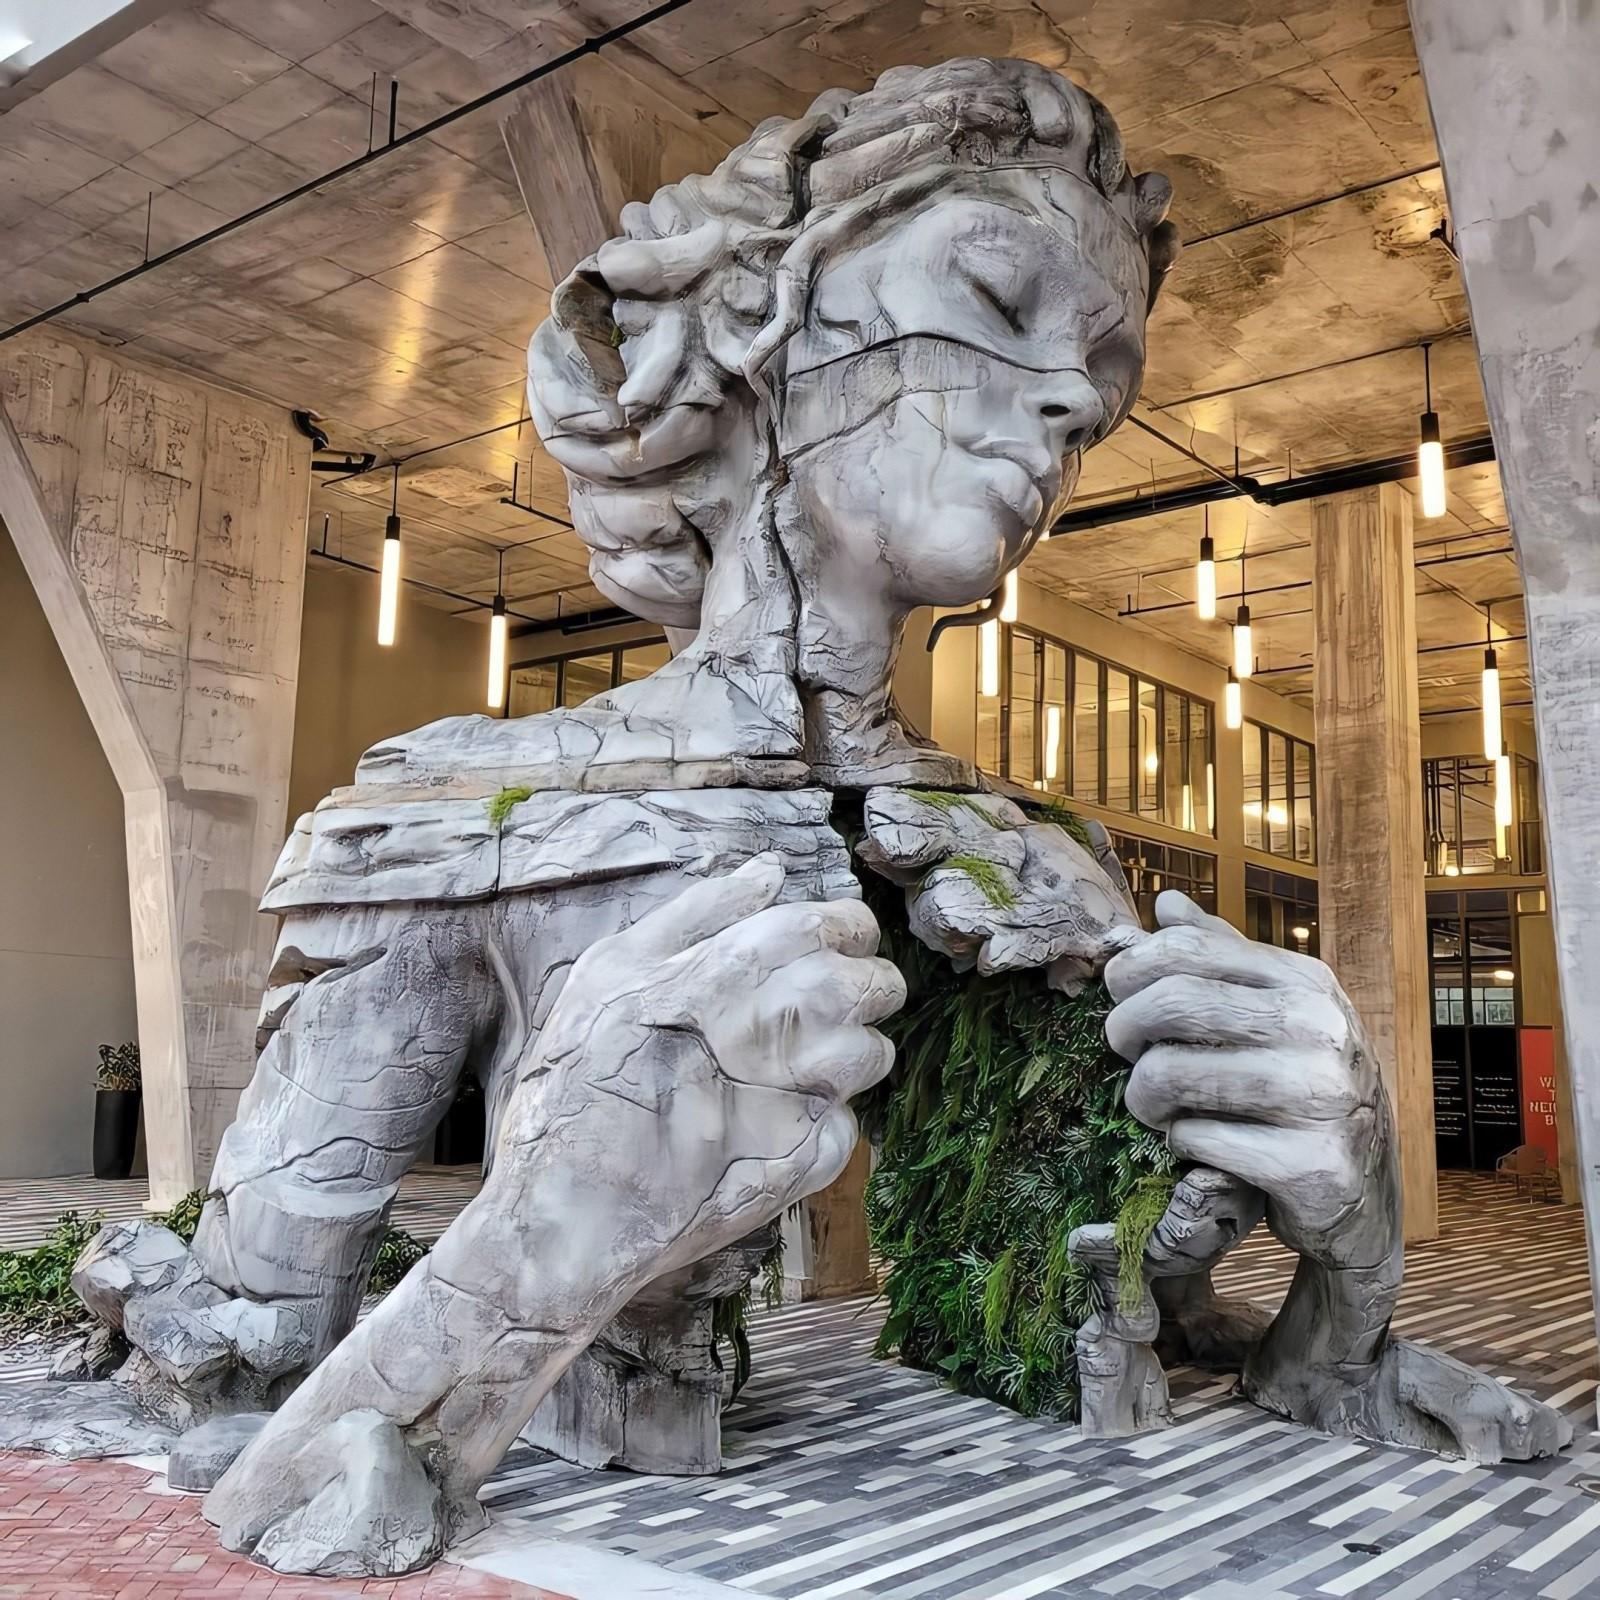 Современное искусство со скрытым смыслом: арт-инсталляции, которые призывают обратить внимание на проблемы мира